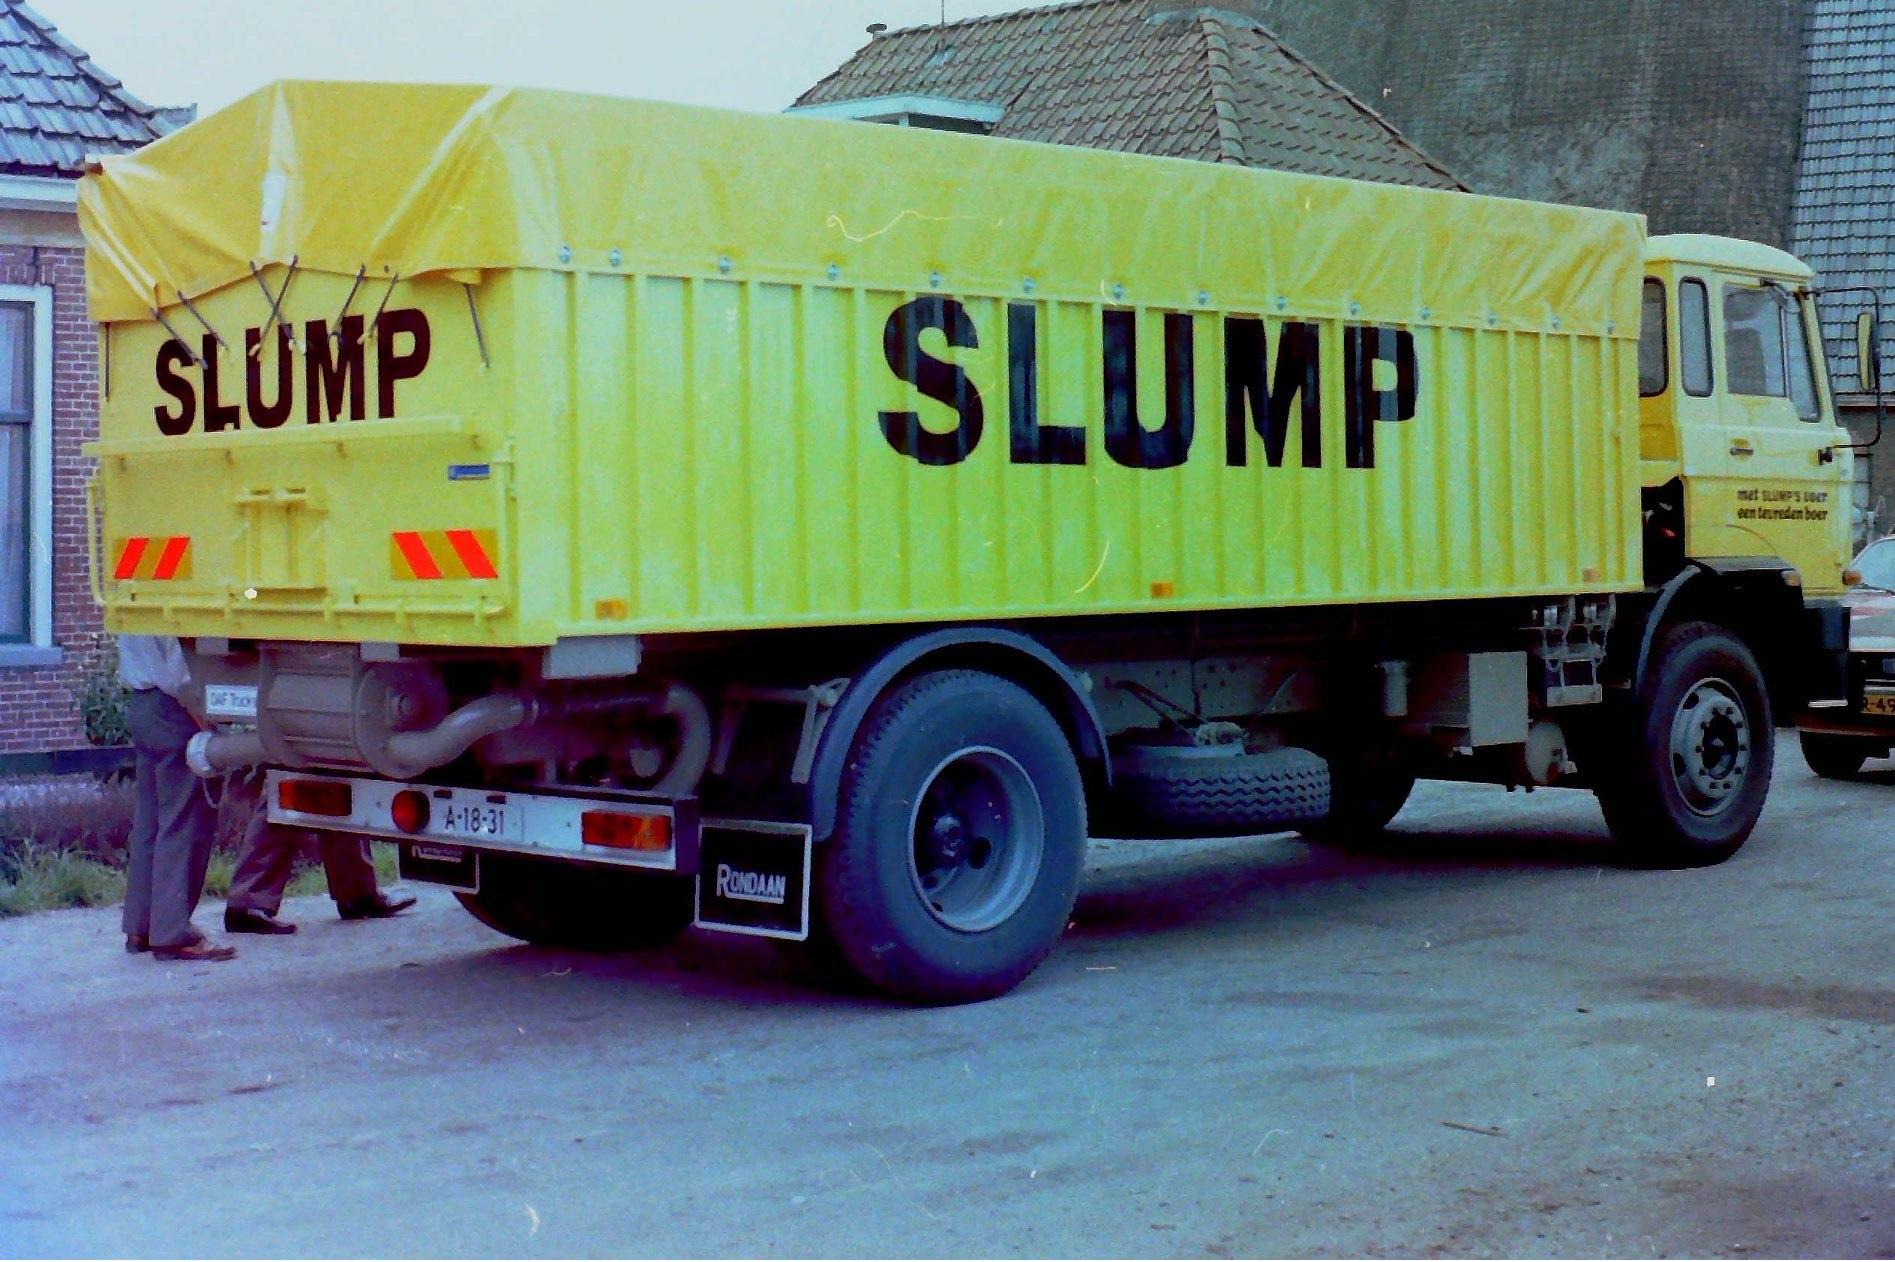 Deze-bulkauto-is-gebouwd-door-Rondaan-voor-veevoederfabriek-Slump-in-Stroobos-3